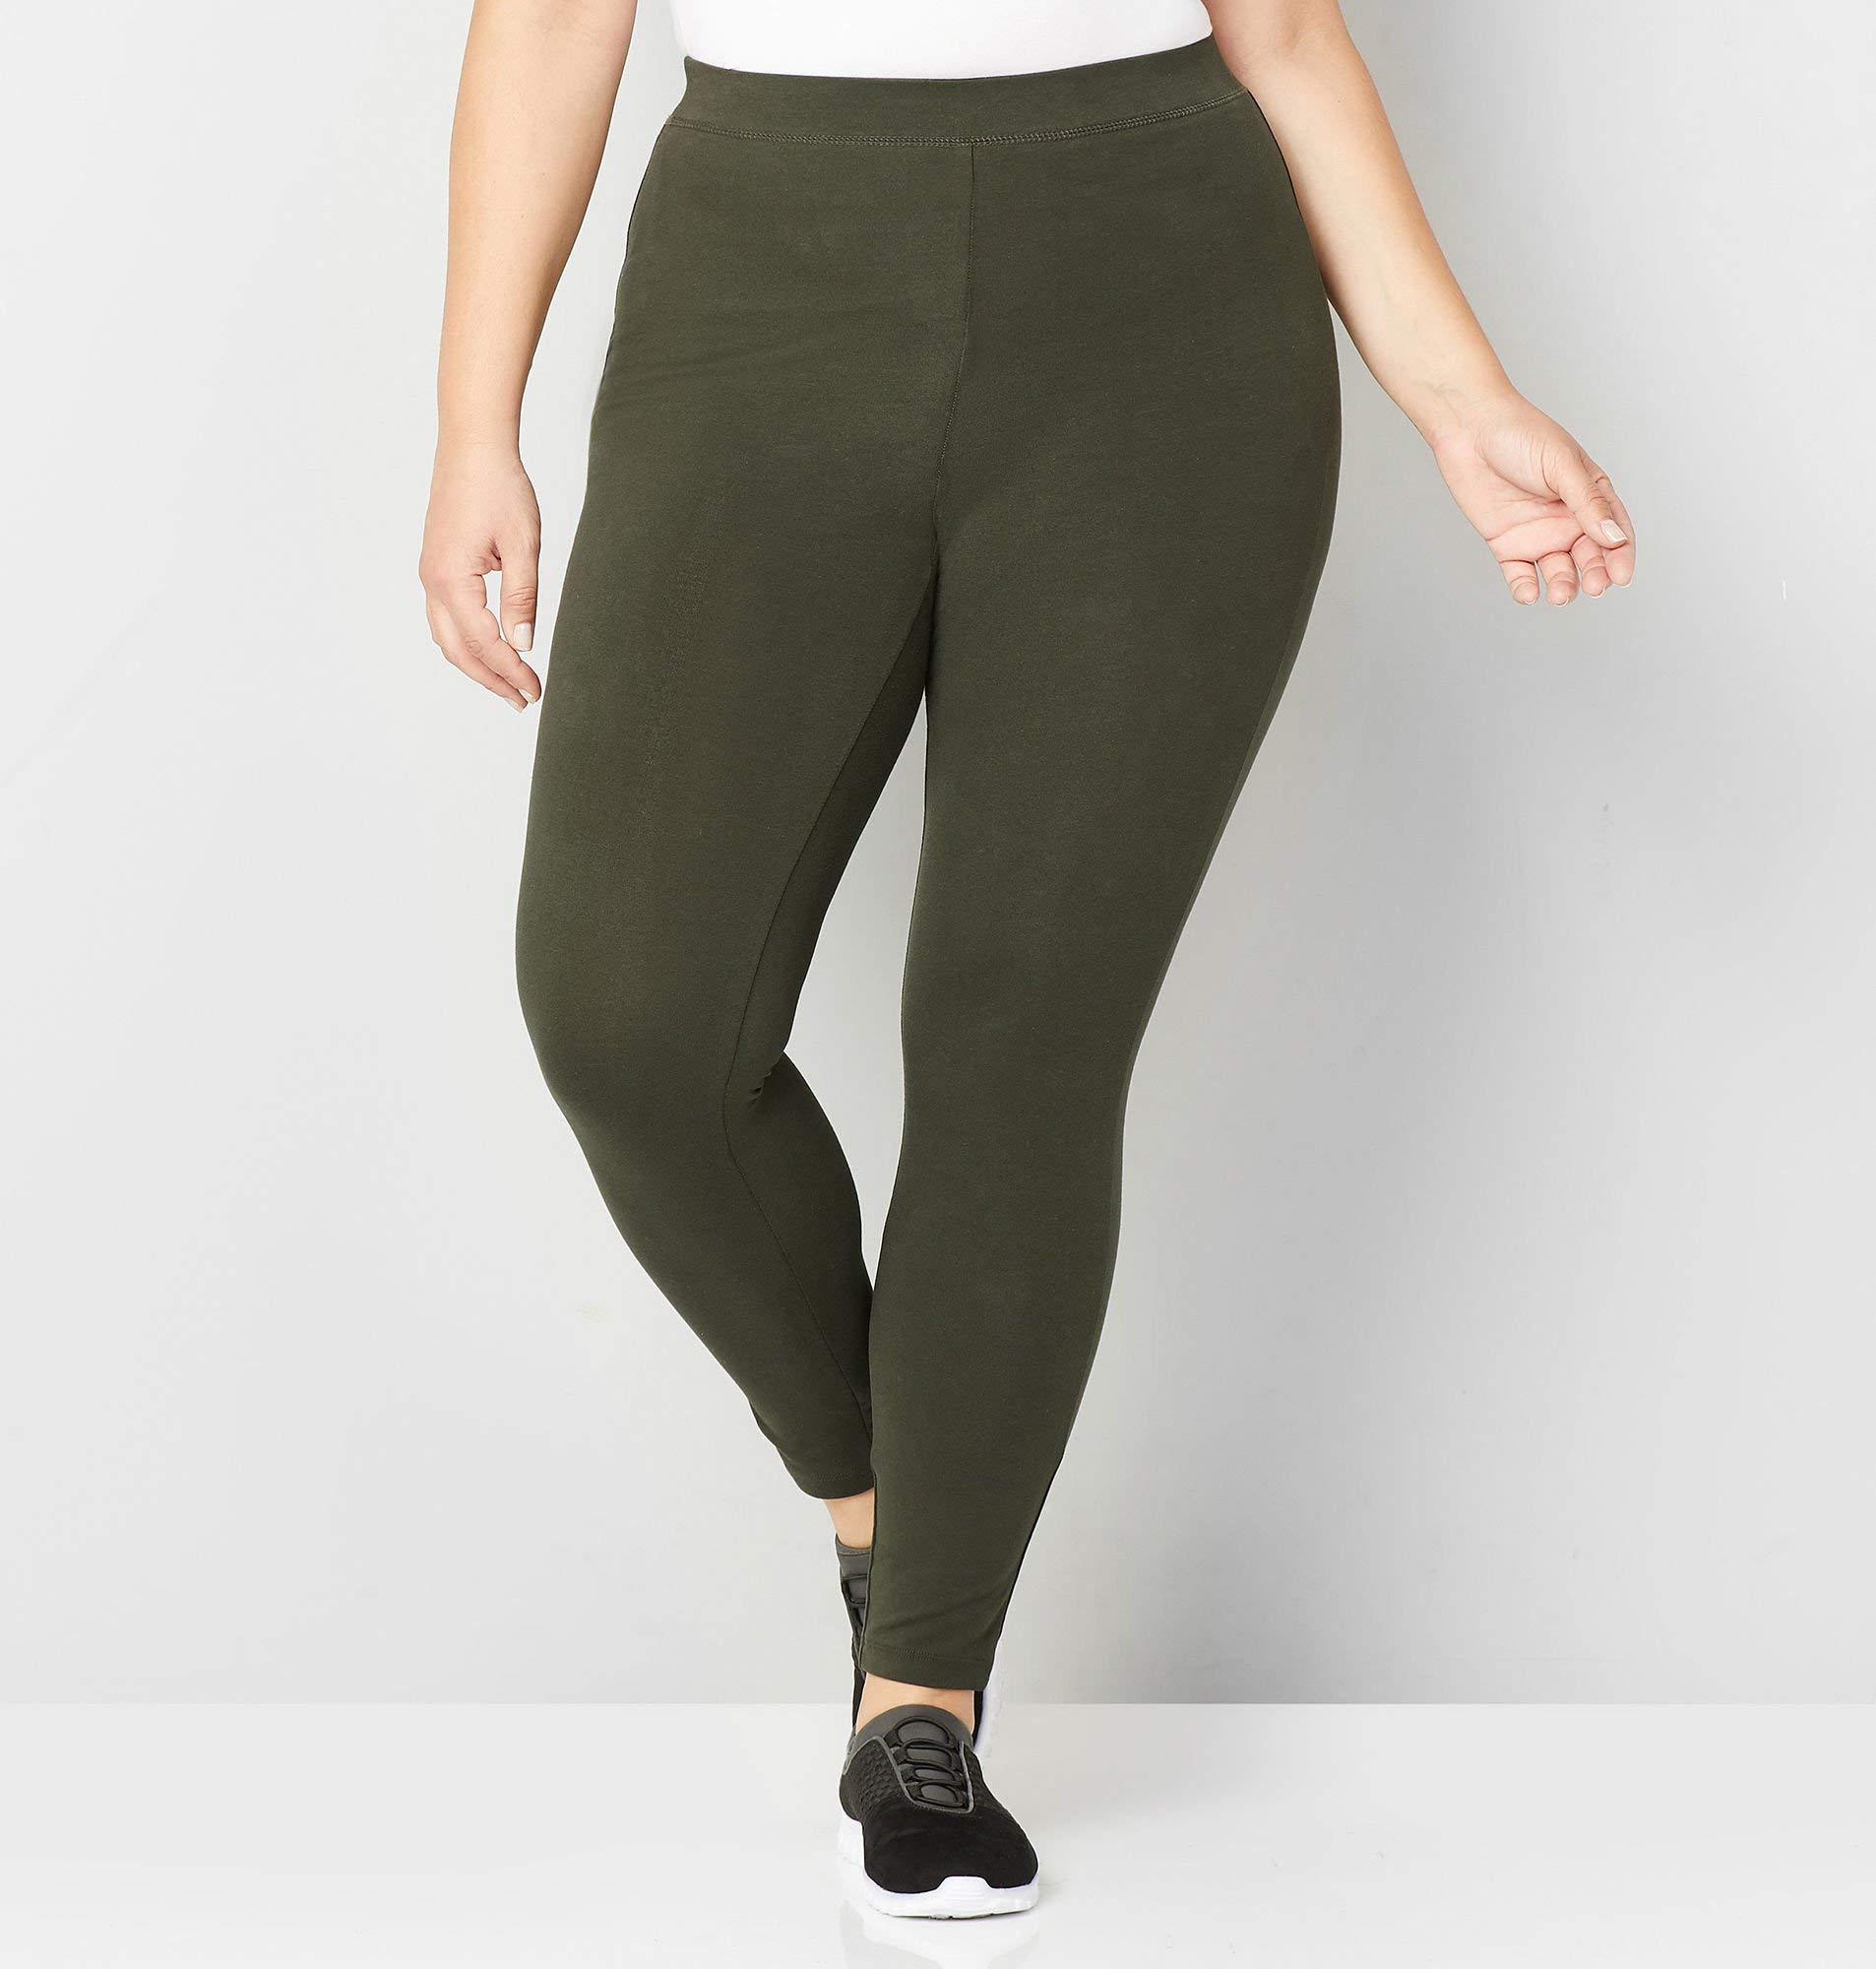 Avenue Women's Pima Cotton Legging, 22/24 Green